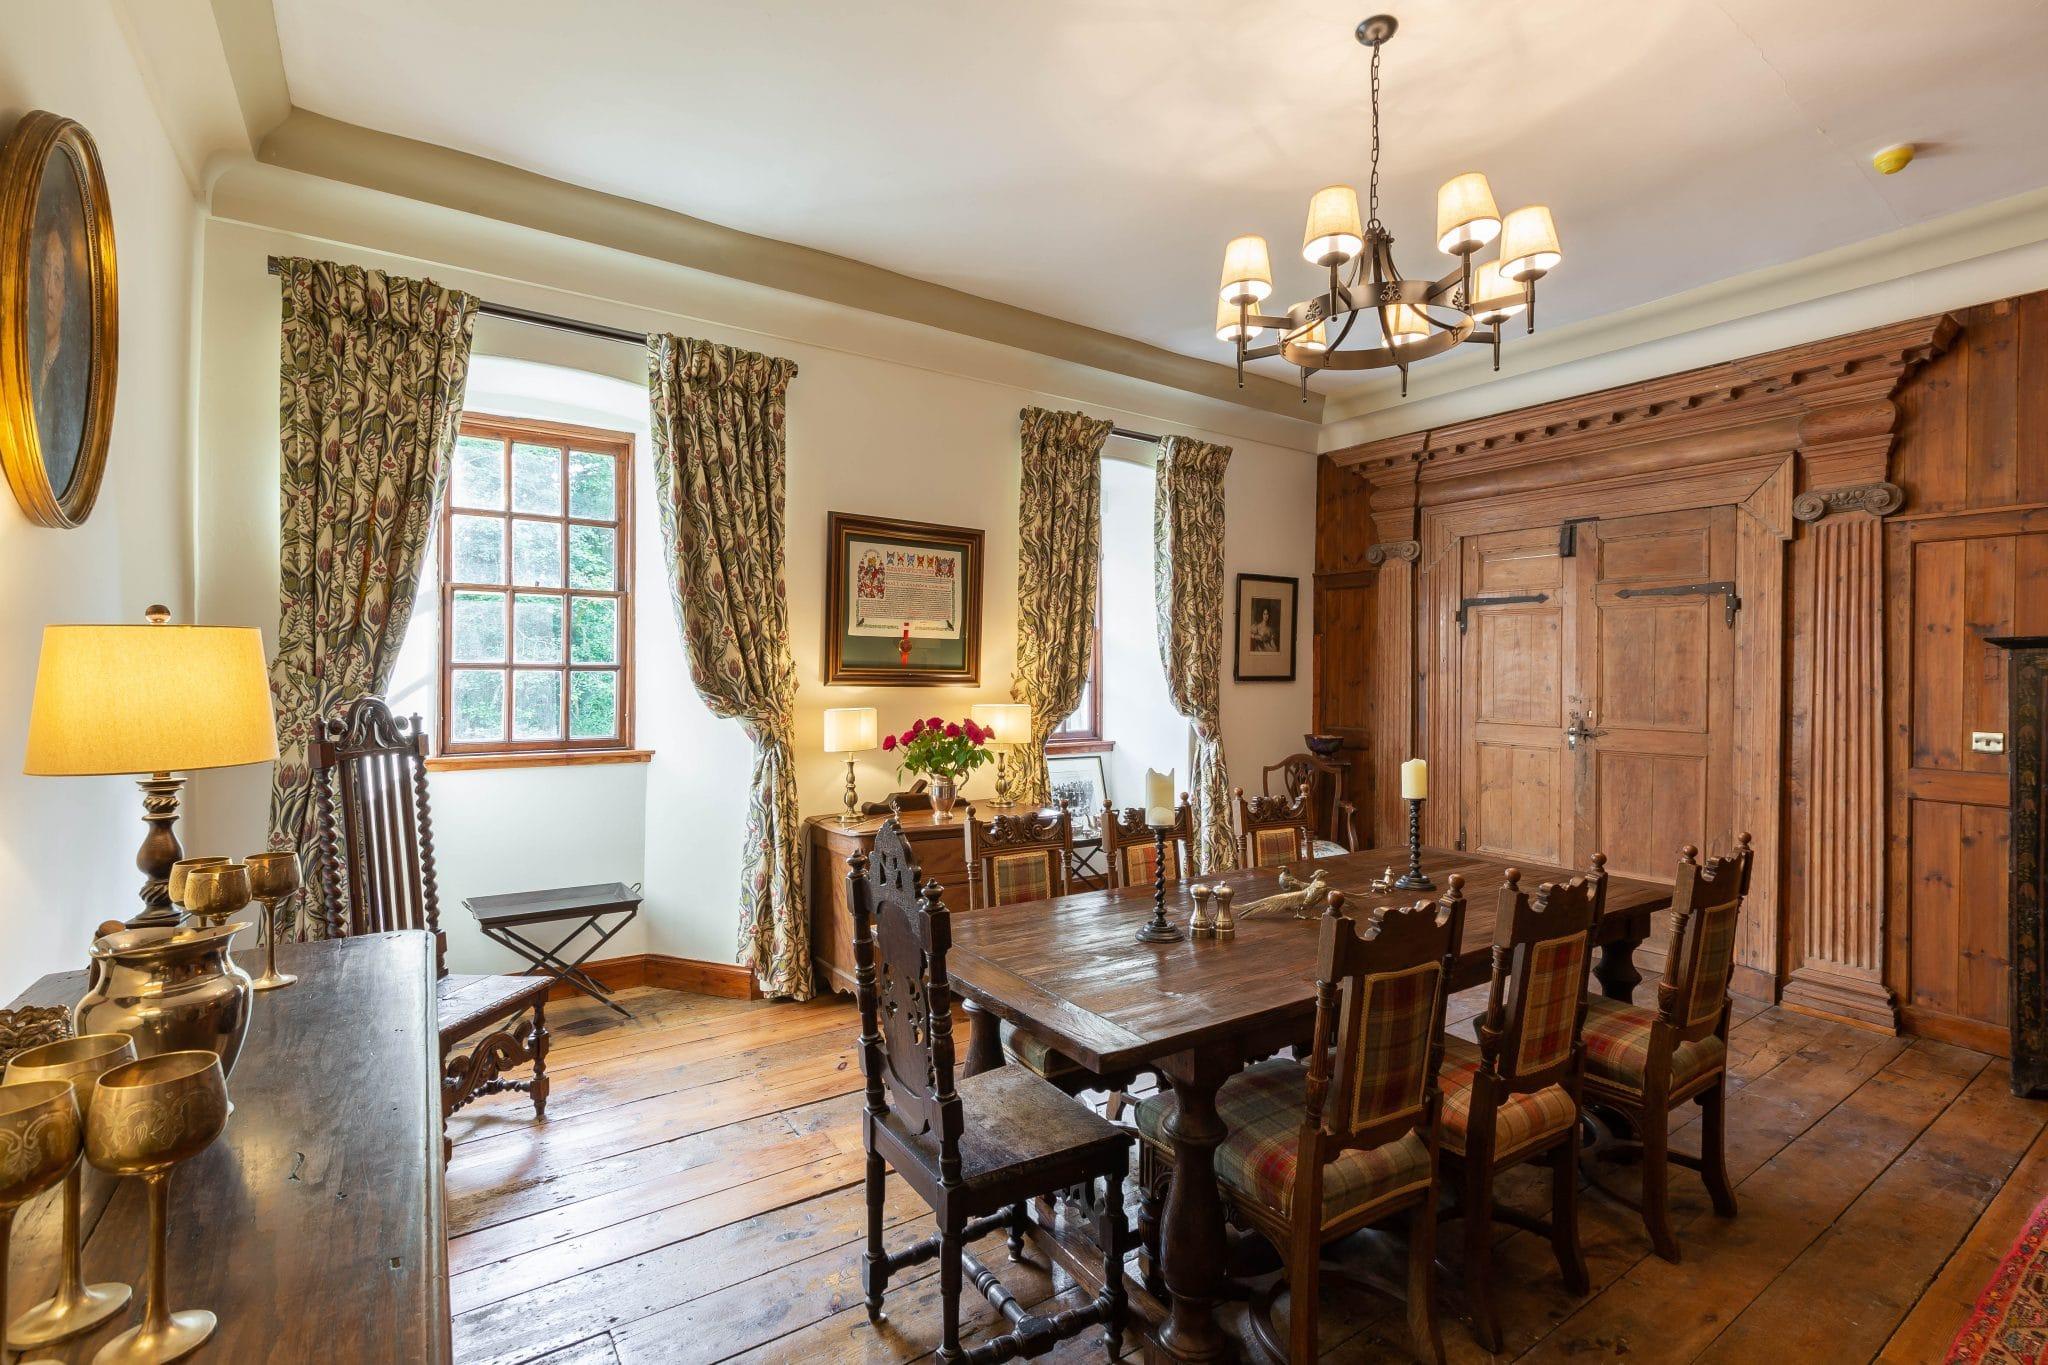 rowallan-castle-dining-room